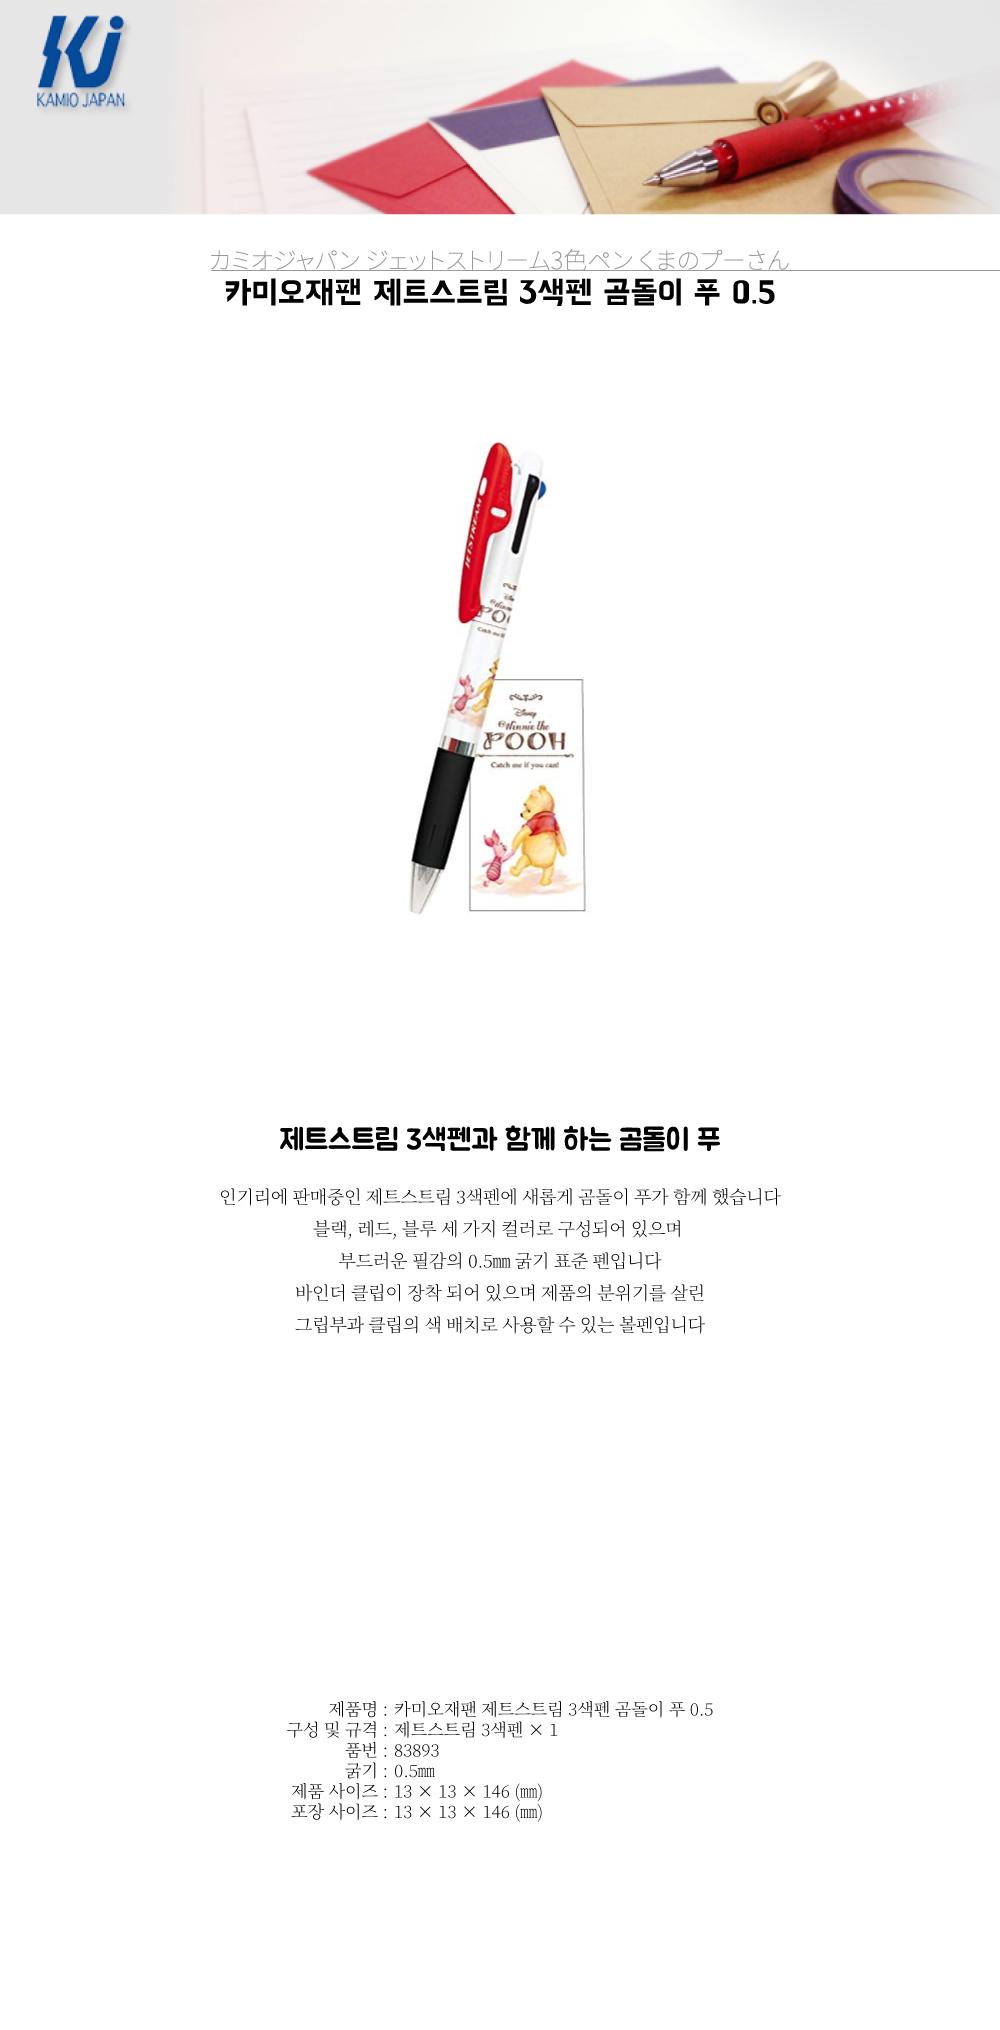 카미오재팬 제트스트림3 3색펜 X 곰돌이 푸 - 유니, 9,000원, 프리미엄볼펜, 미쯔비시